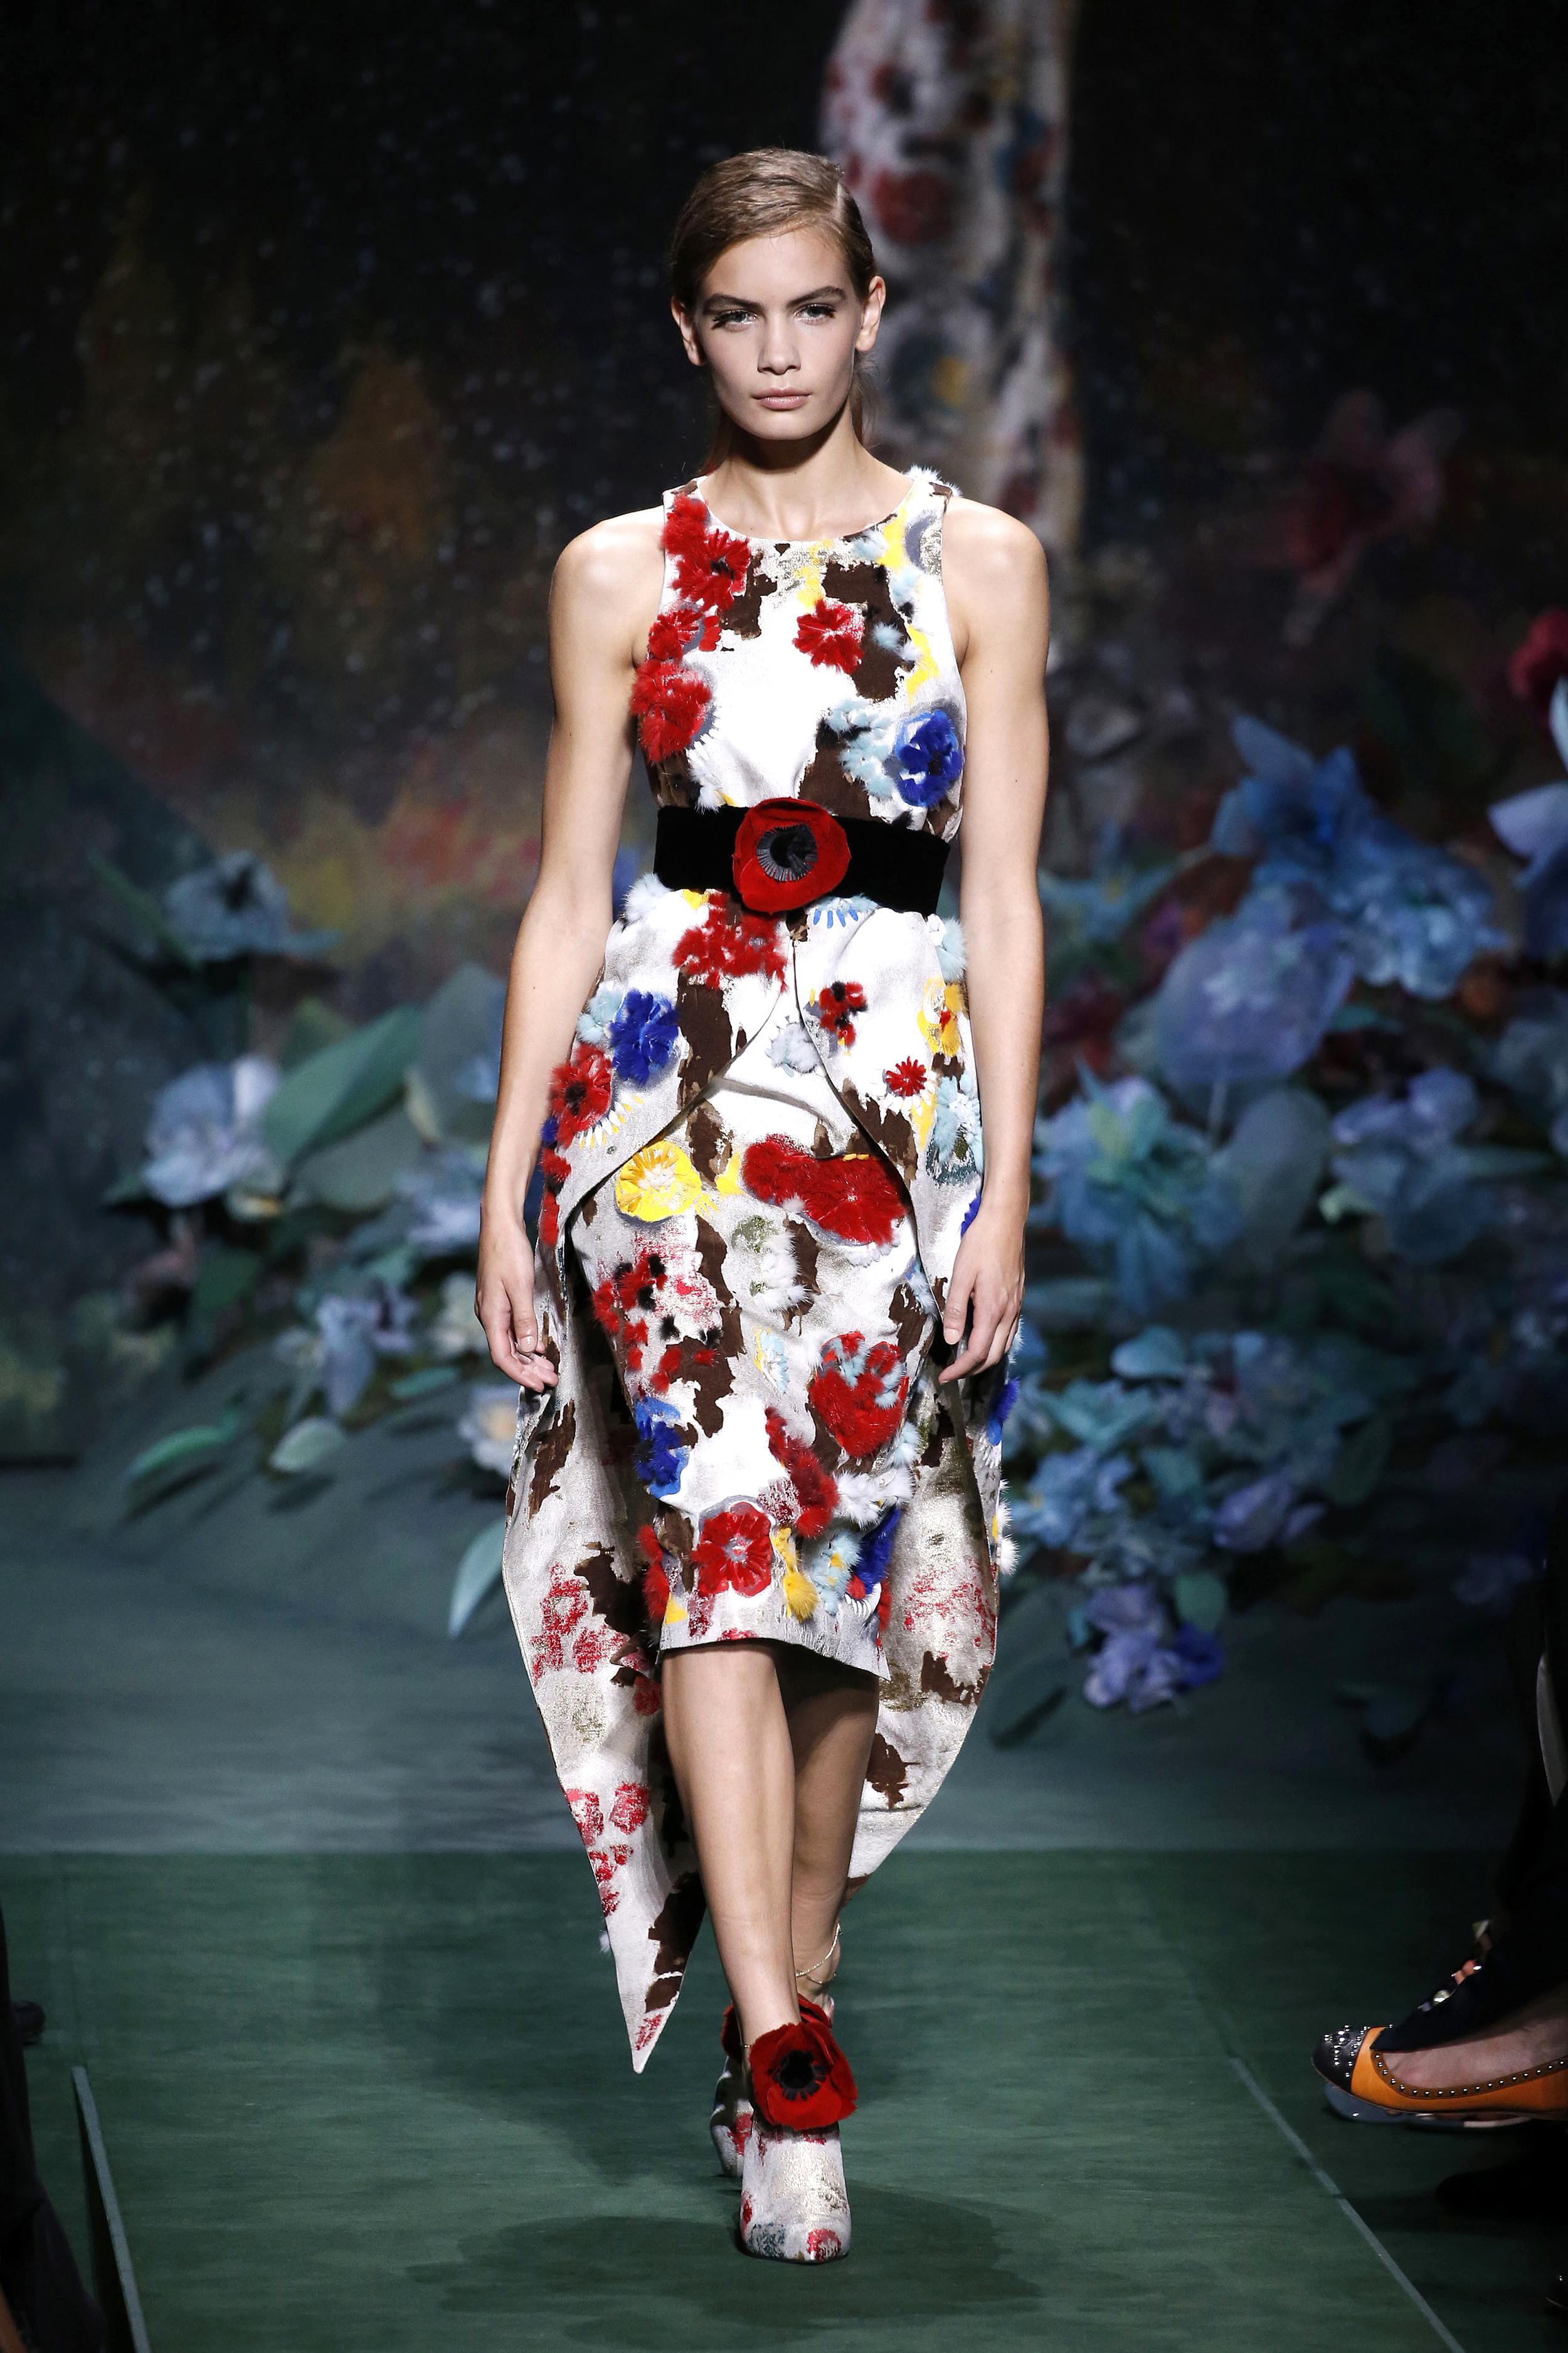 Paris Haute Couture Fall/Winter: In der Fendi Show trägt ein Model ein mit bunten Blumen besticktes Kleid